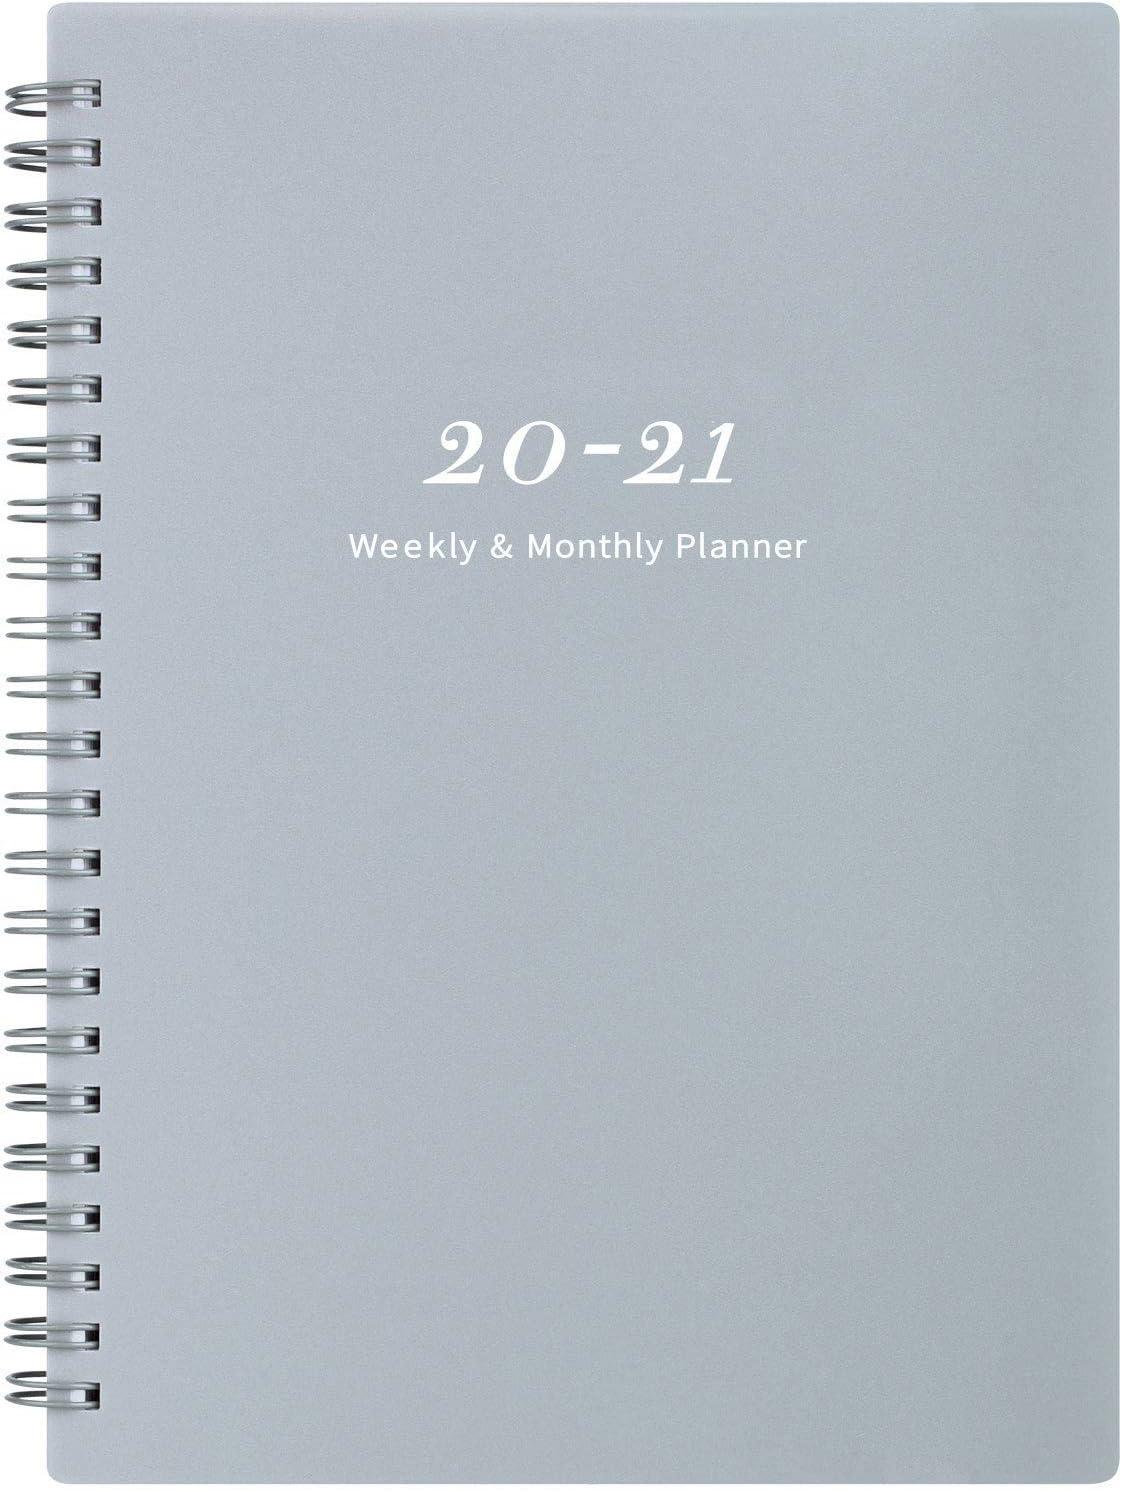 Planificador 2020-2021: planificador semanal y mensual(7SJC)